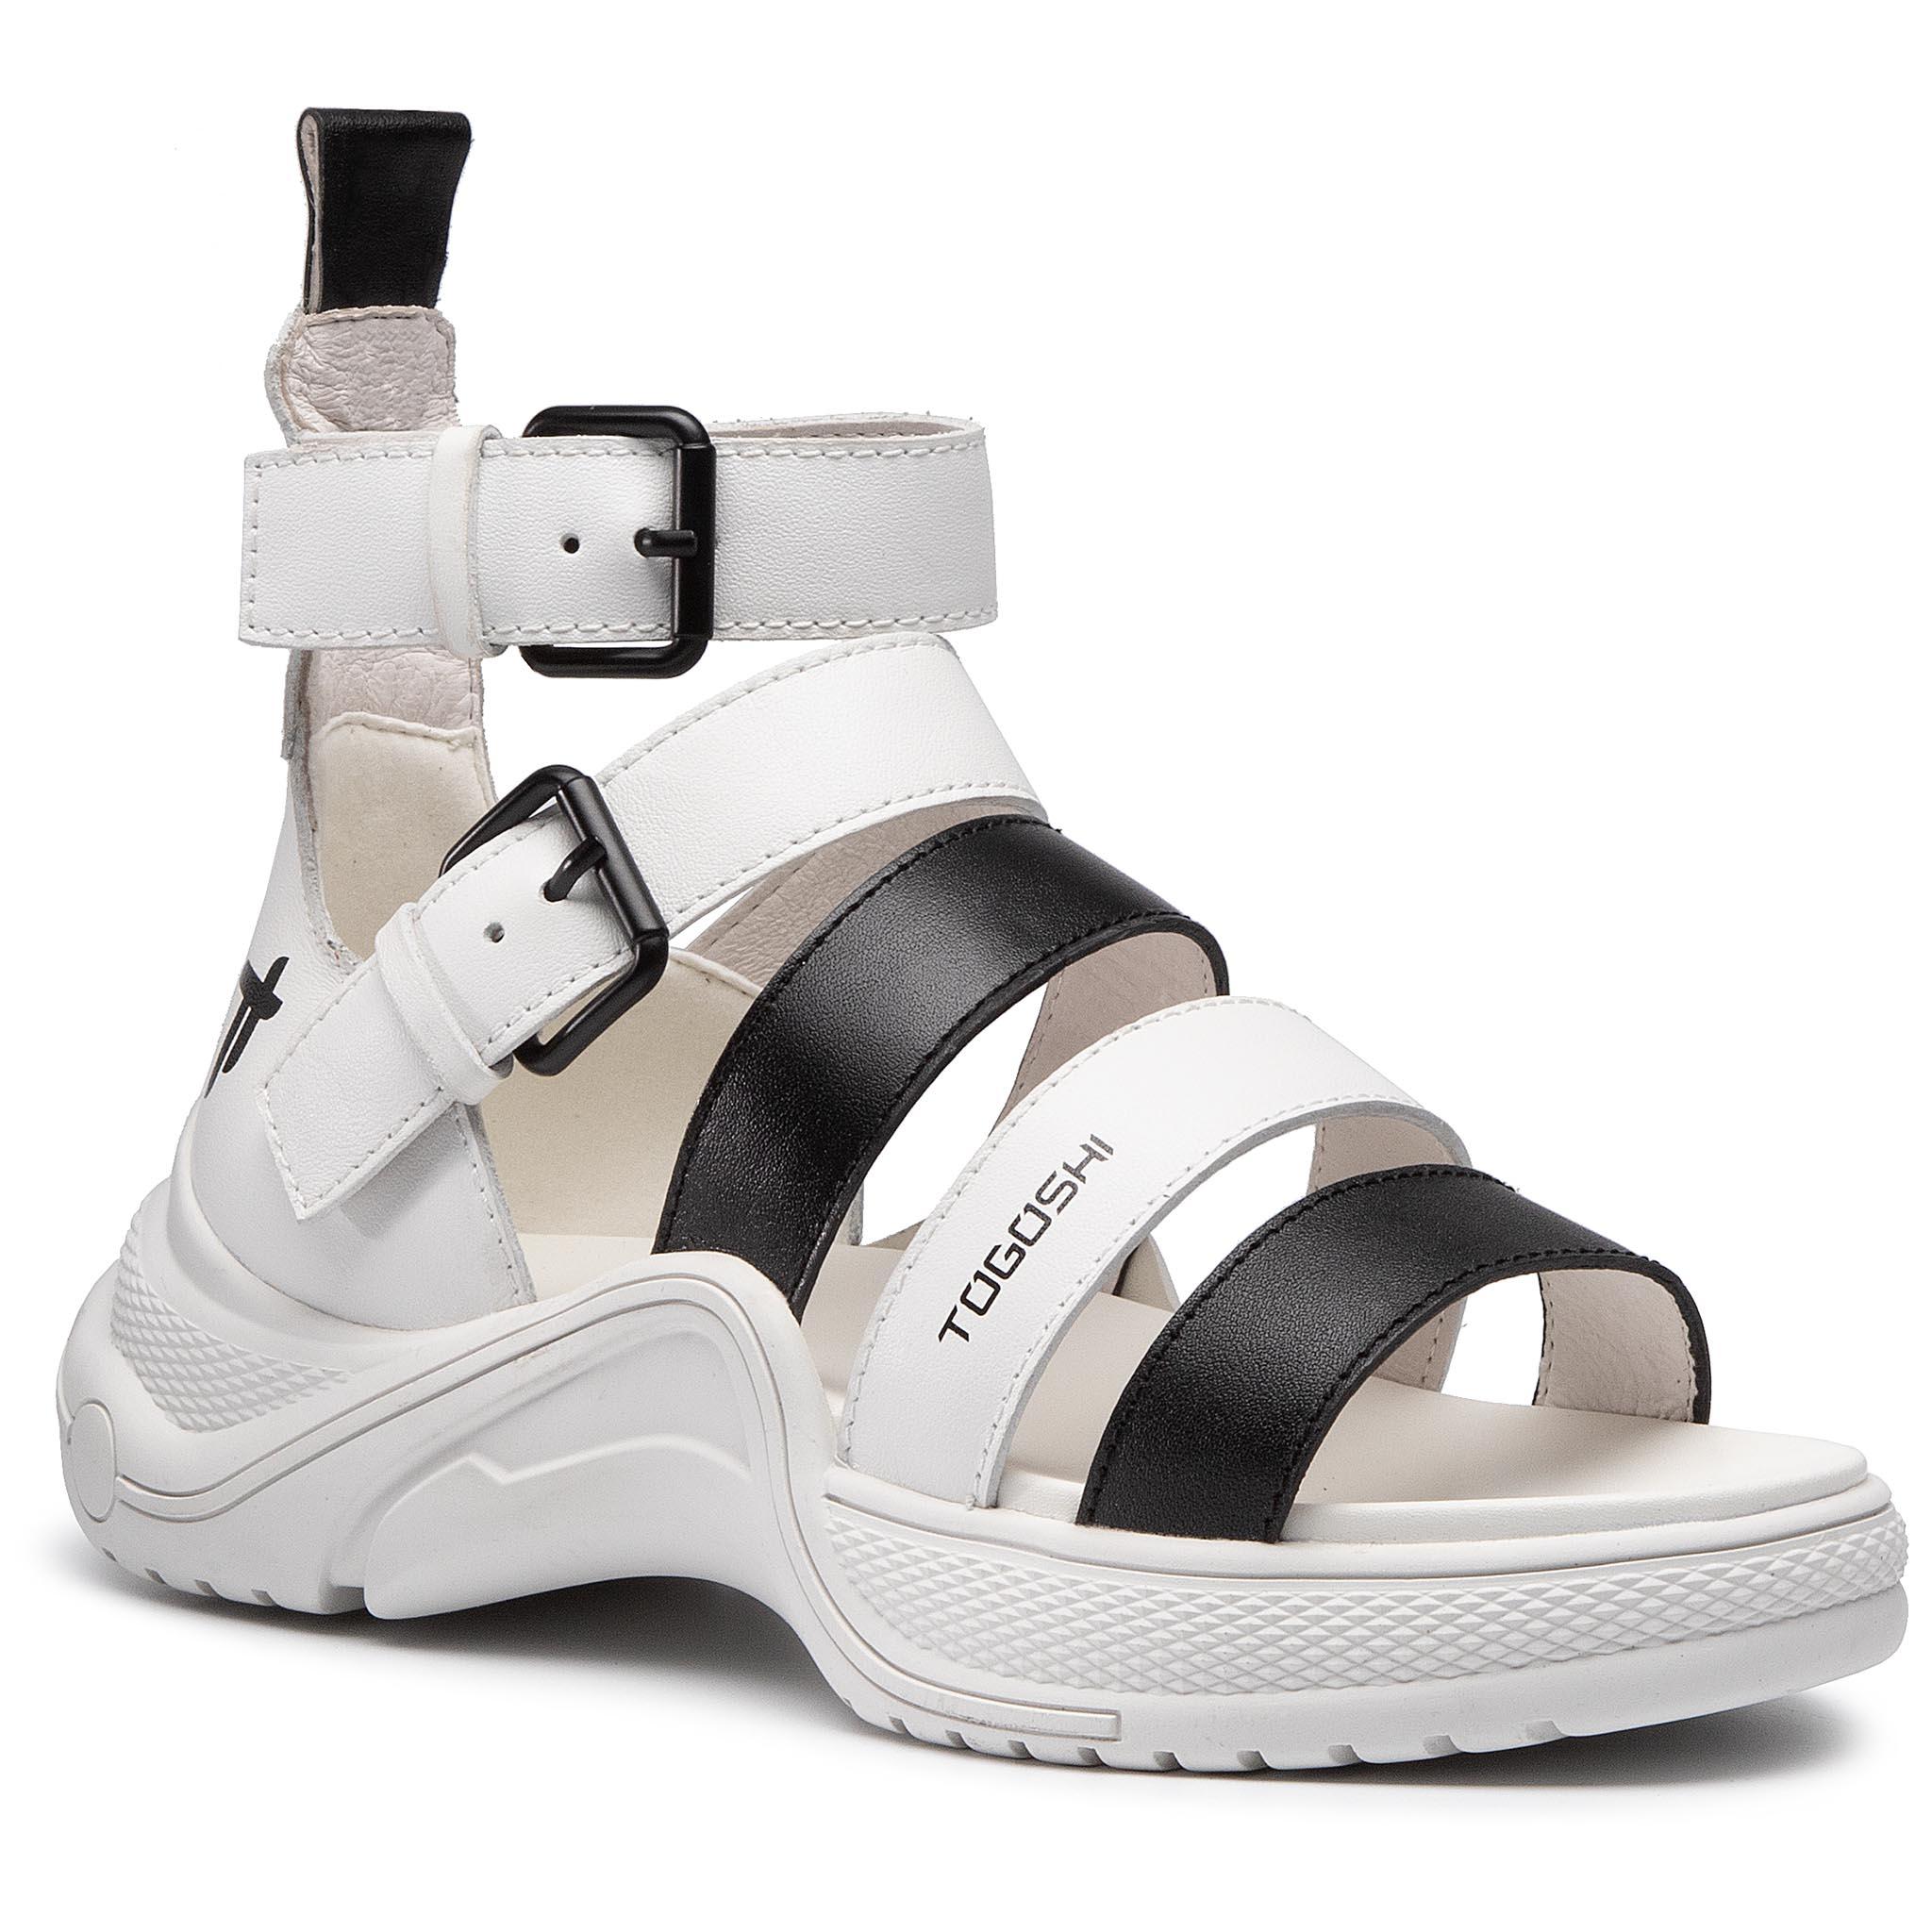 Sandále TOGOSHI - TG-07-04-000192 102